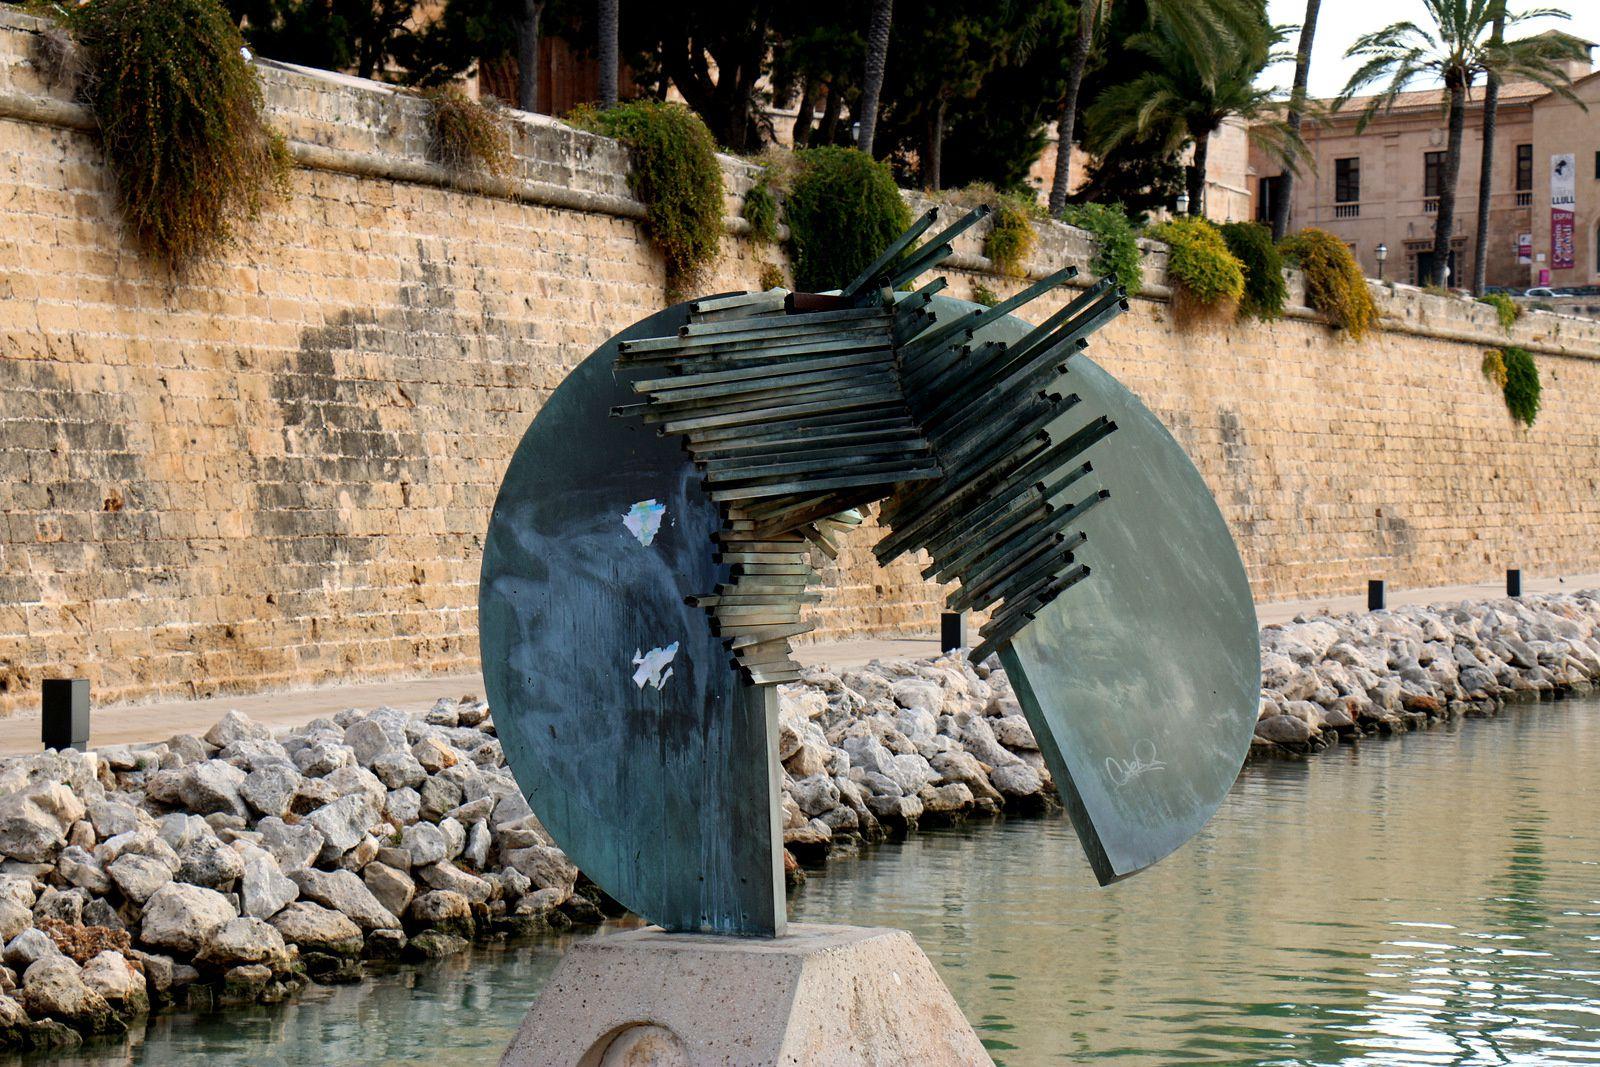 Abords de la cathédrale de Palma de Majorque, sculptures contemporaires